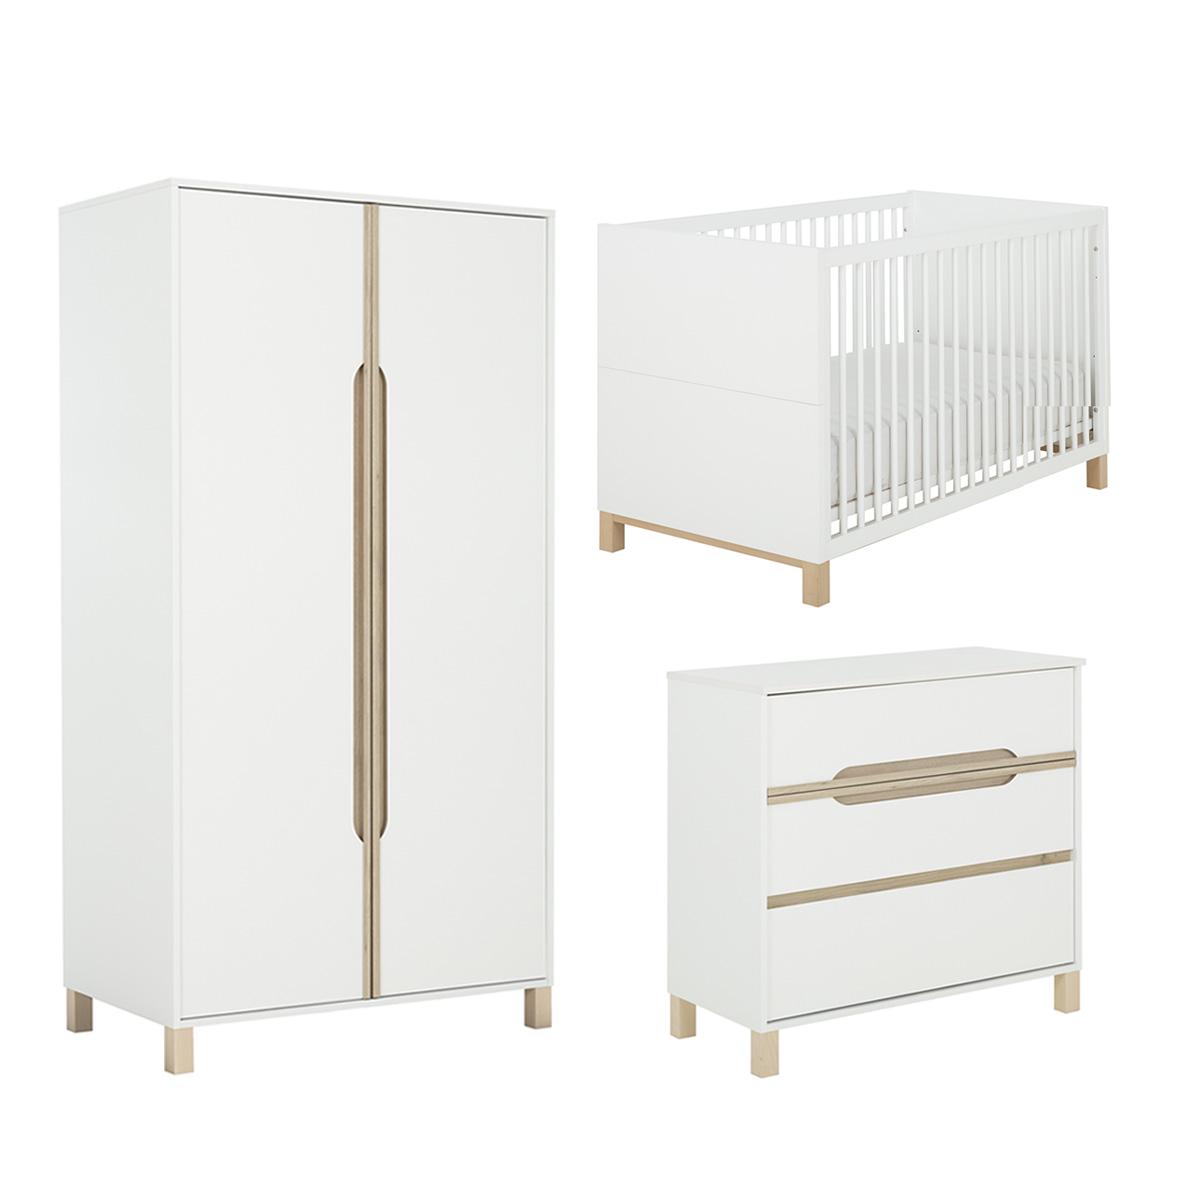 Chambre complète Lit évolutif 70x140 avec 2 pans inclus - commode 3 tiroirs - armoire 2 portes Galipette Celeste - Blanc